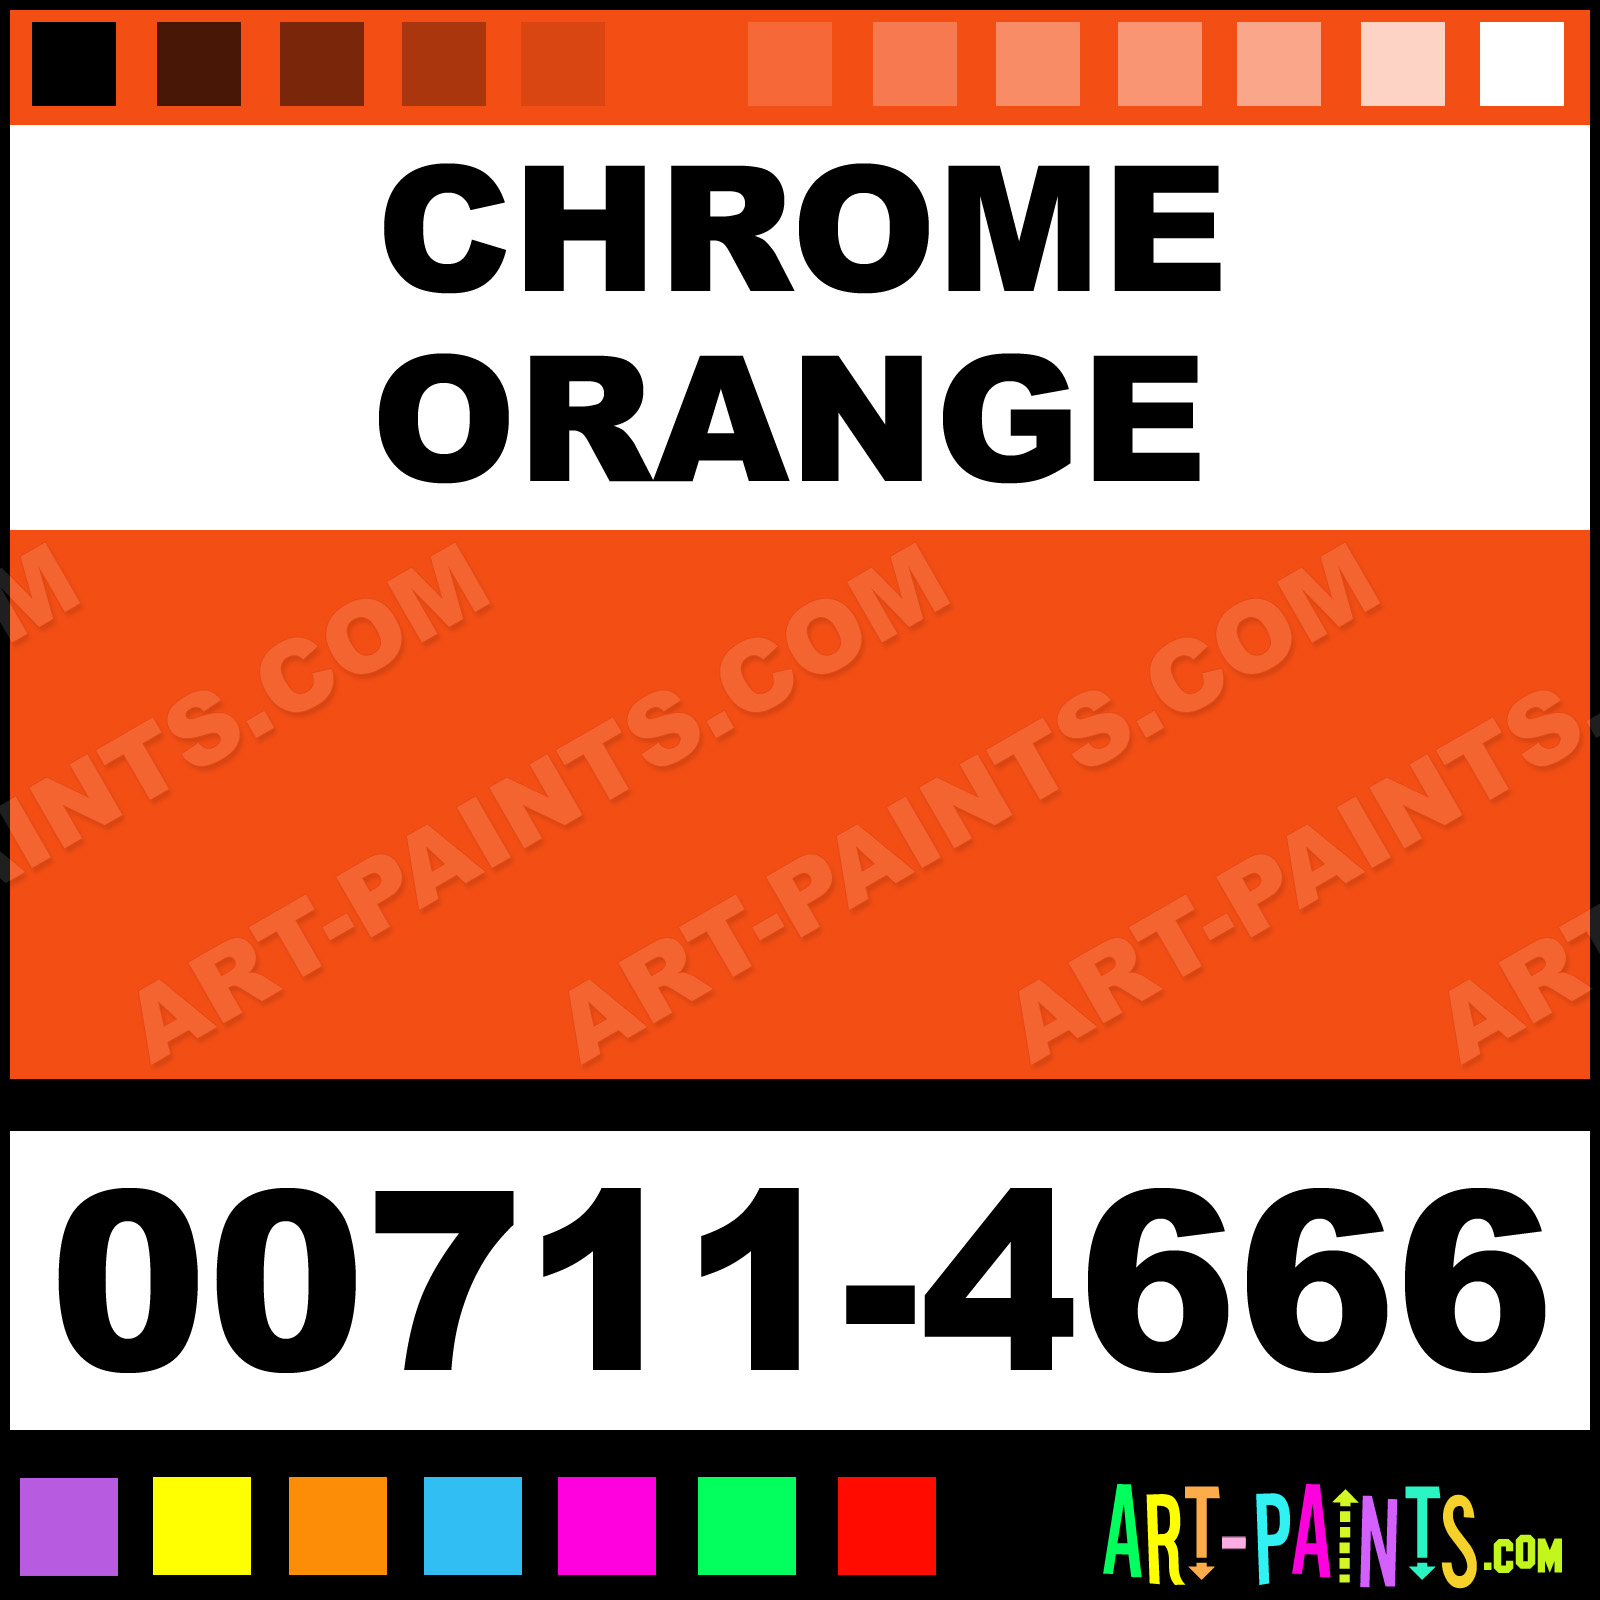 Blickrylic Paints Chrome Orange Student Acrylic